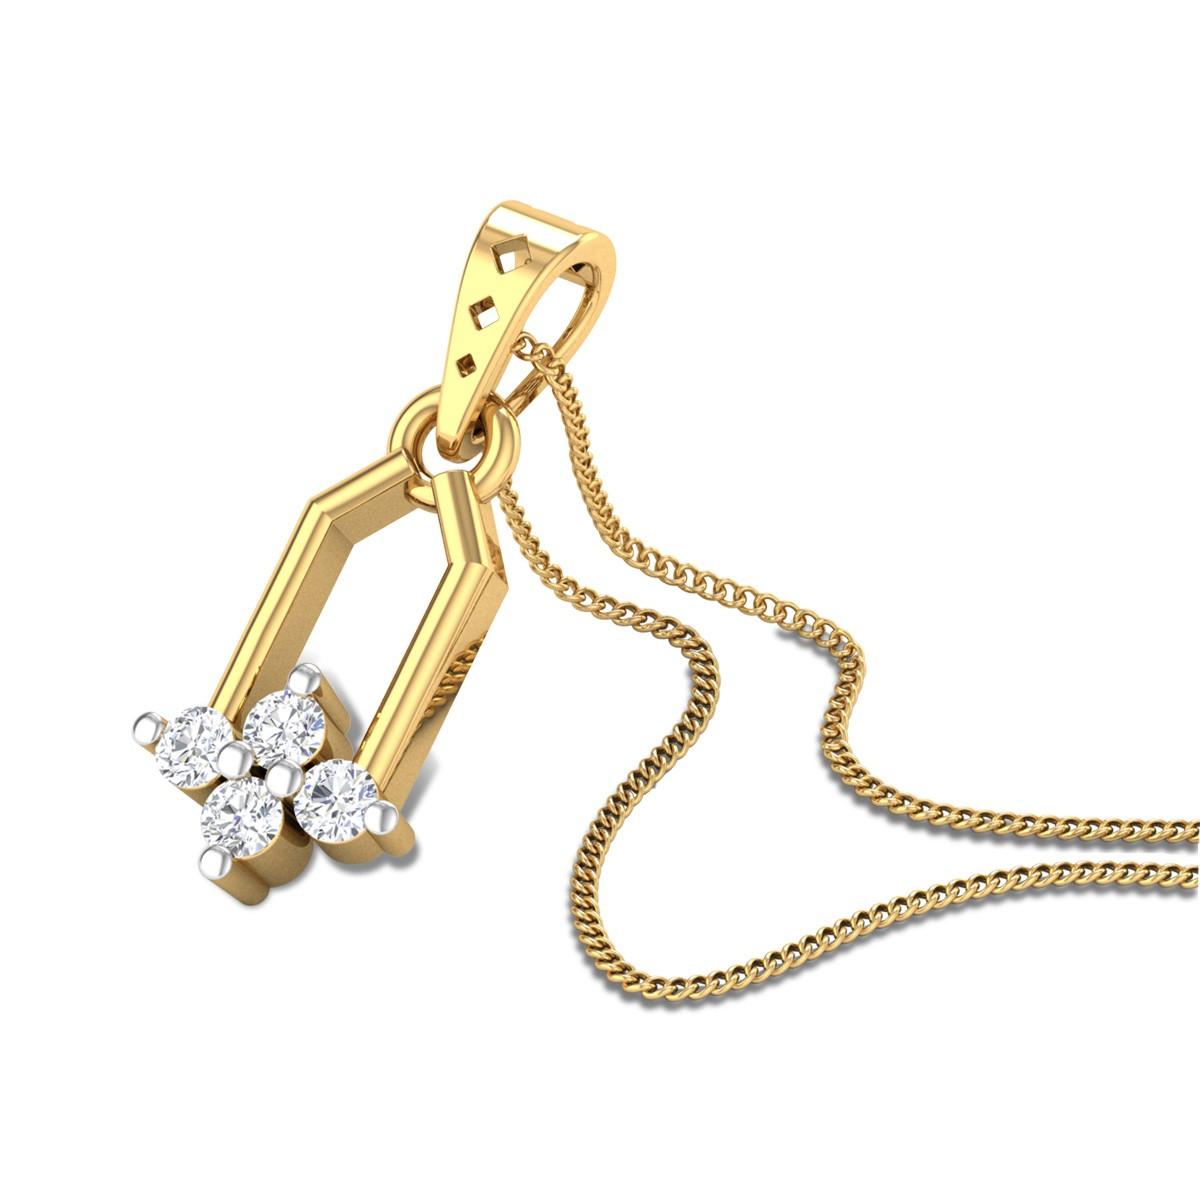 Sunkist Diamond Pendant